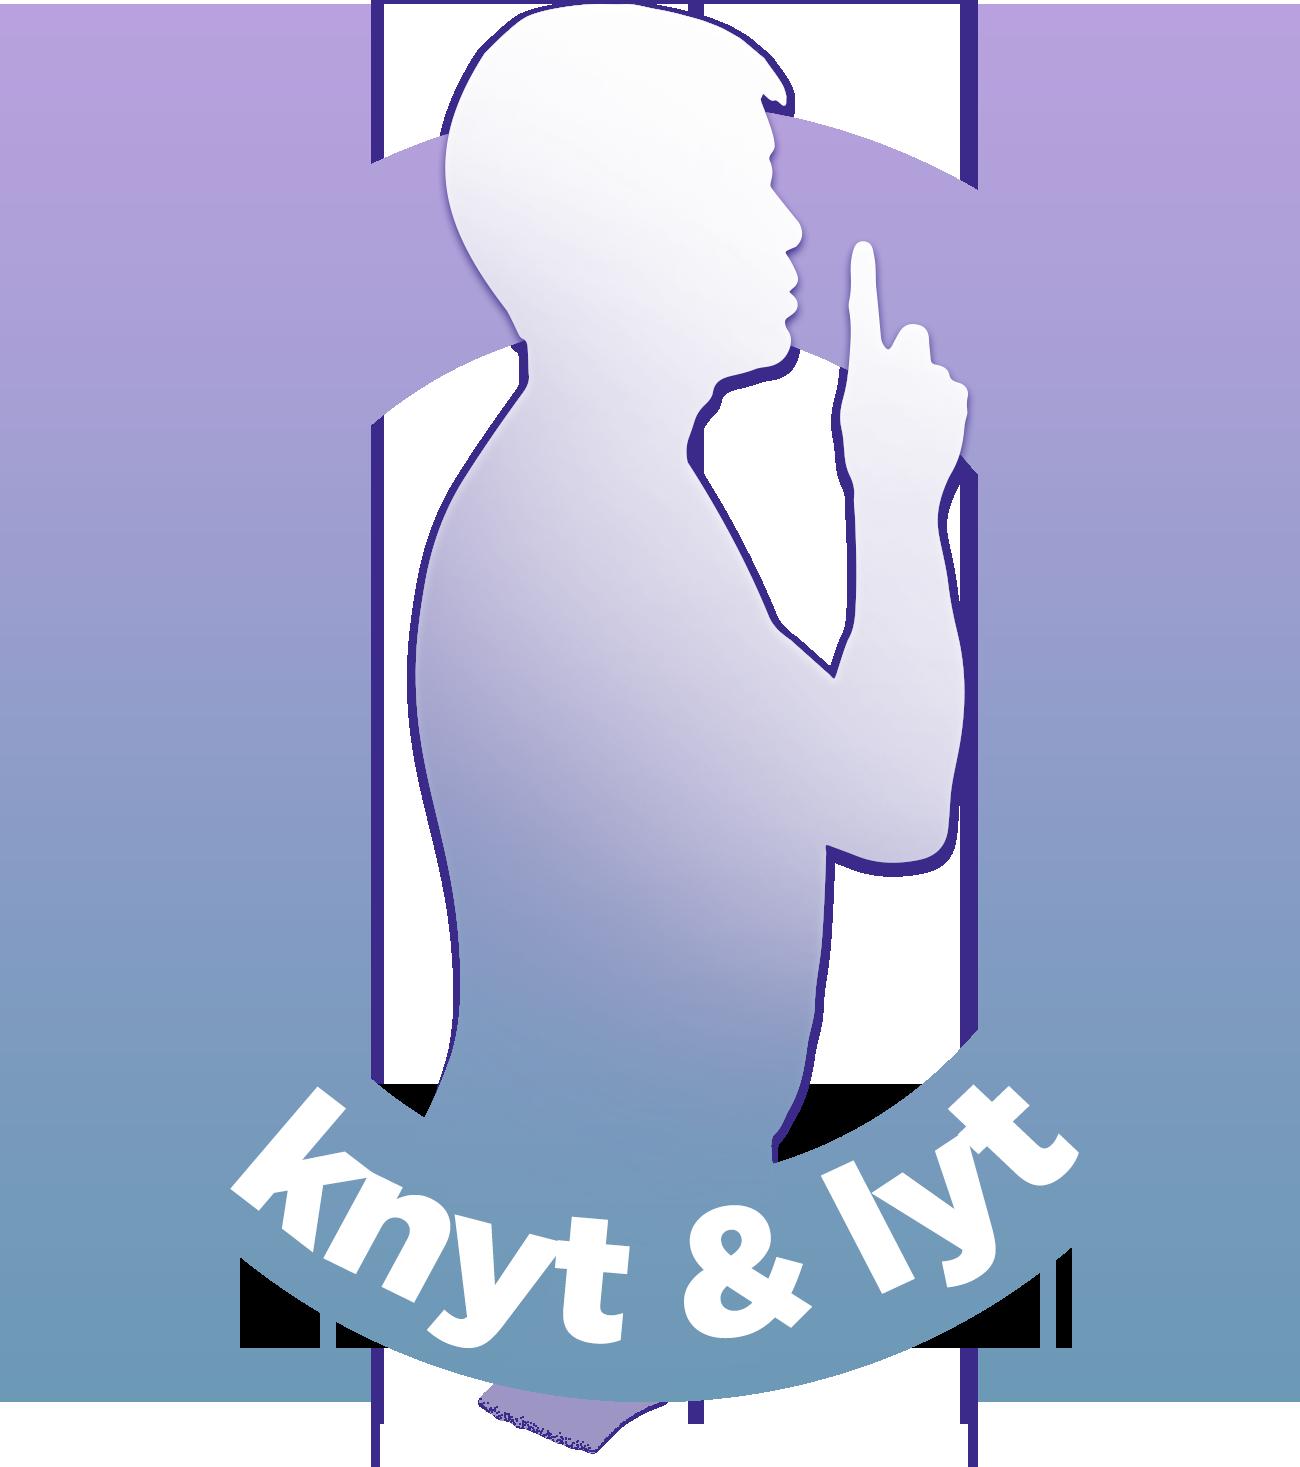 knyt & lyt rumors corner